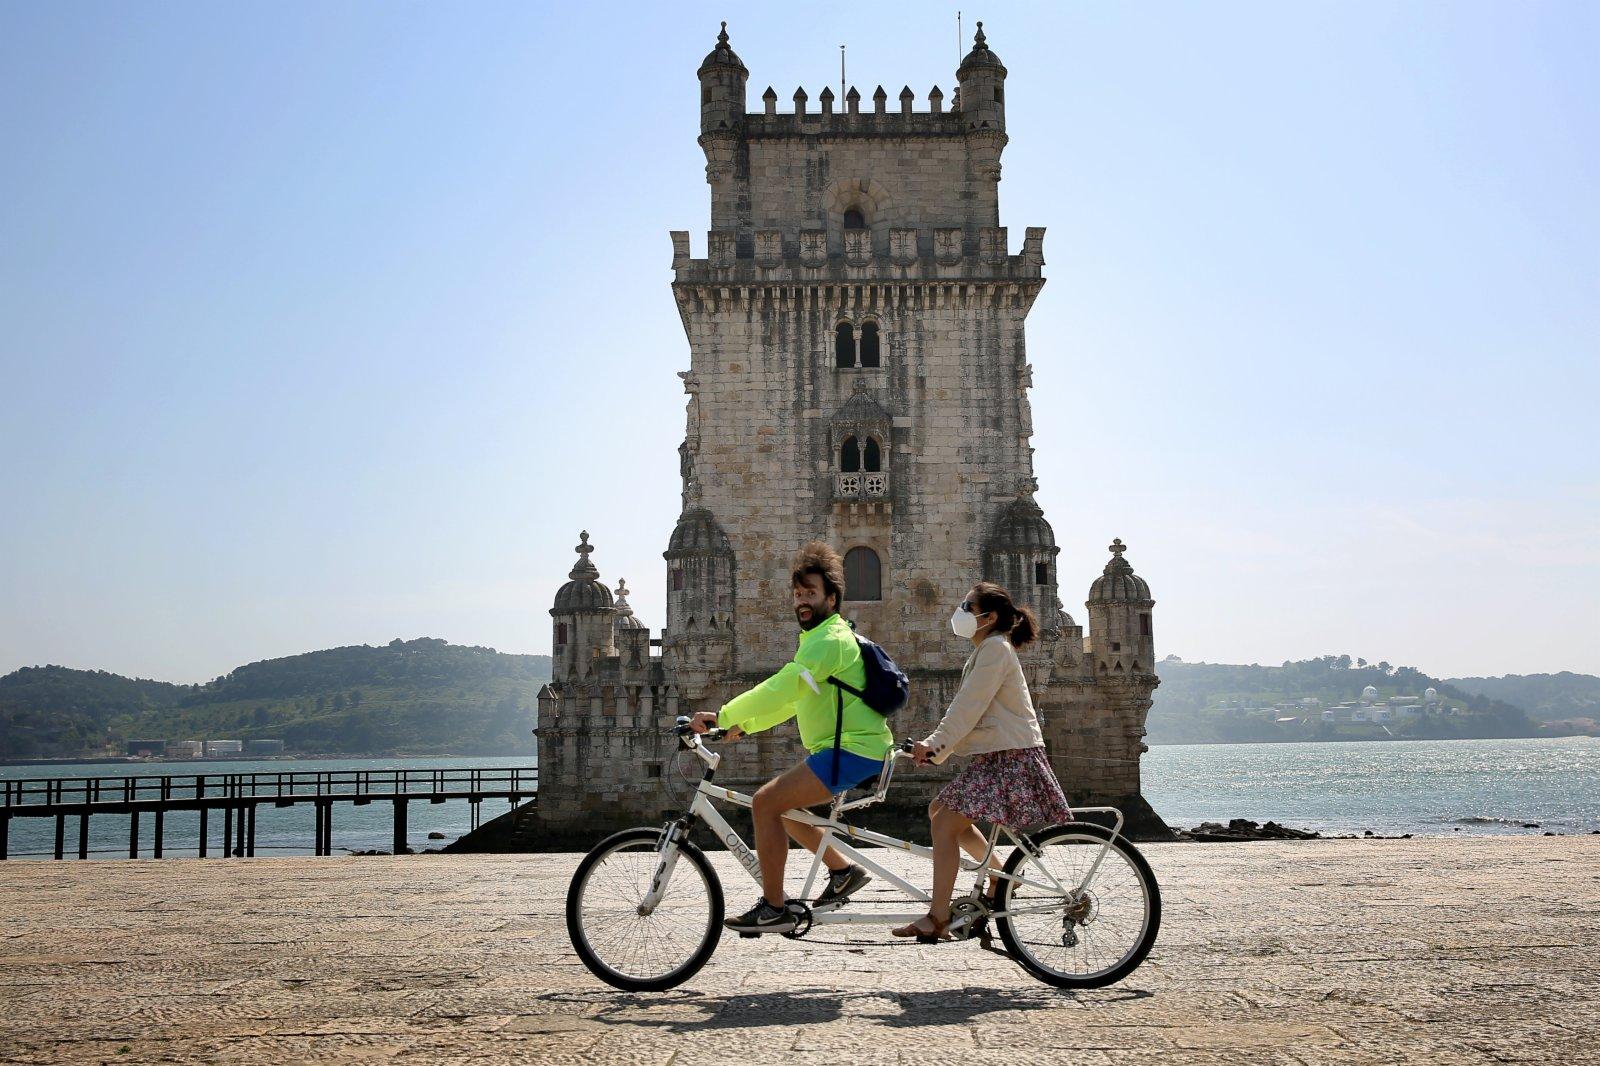 遊客在葡萄牙首都里斯本的貝倫塔騎車遊玩。